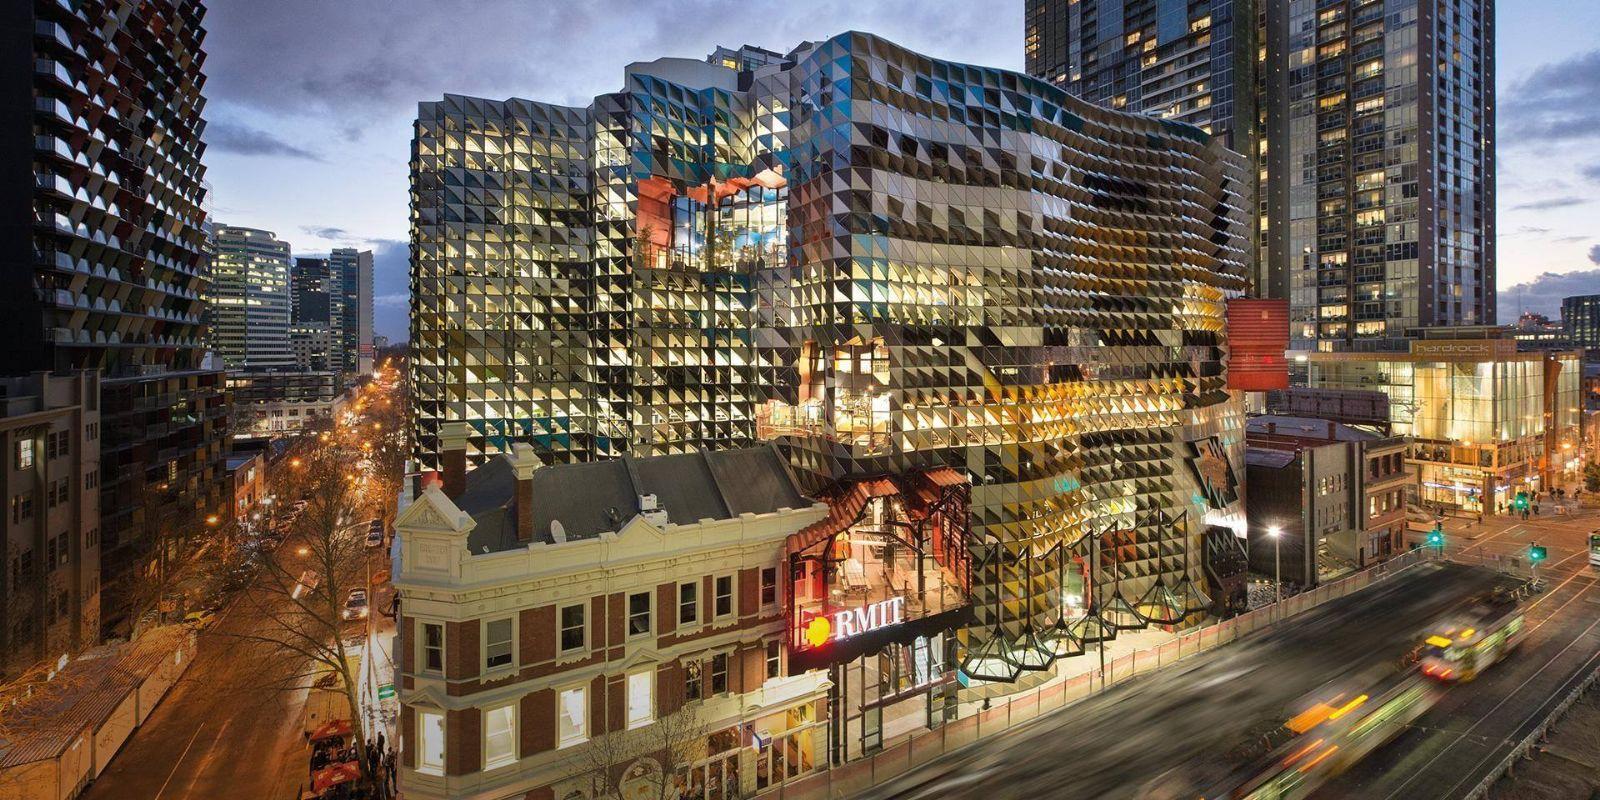 皇家墨尔本理工大学,建筑设计,建筑专业,澳洲建筑学院